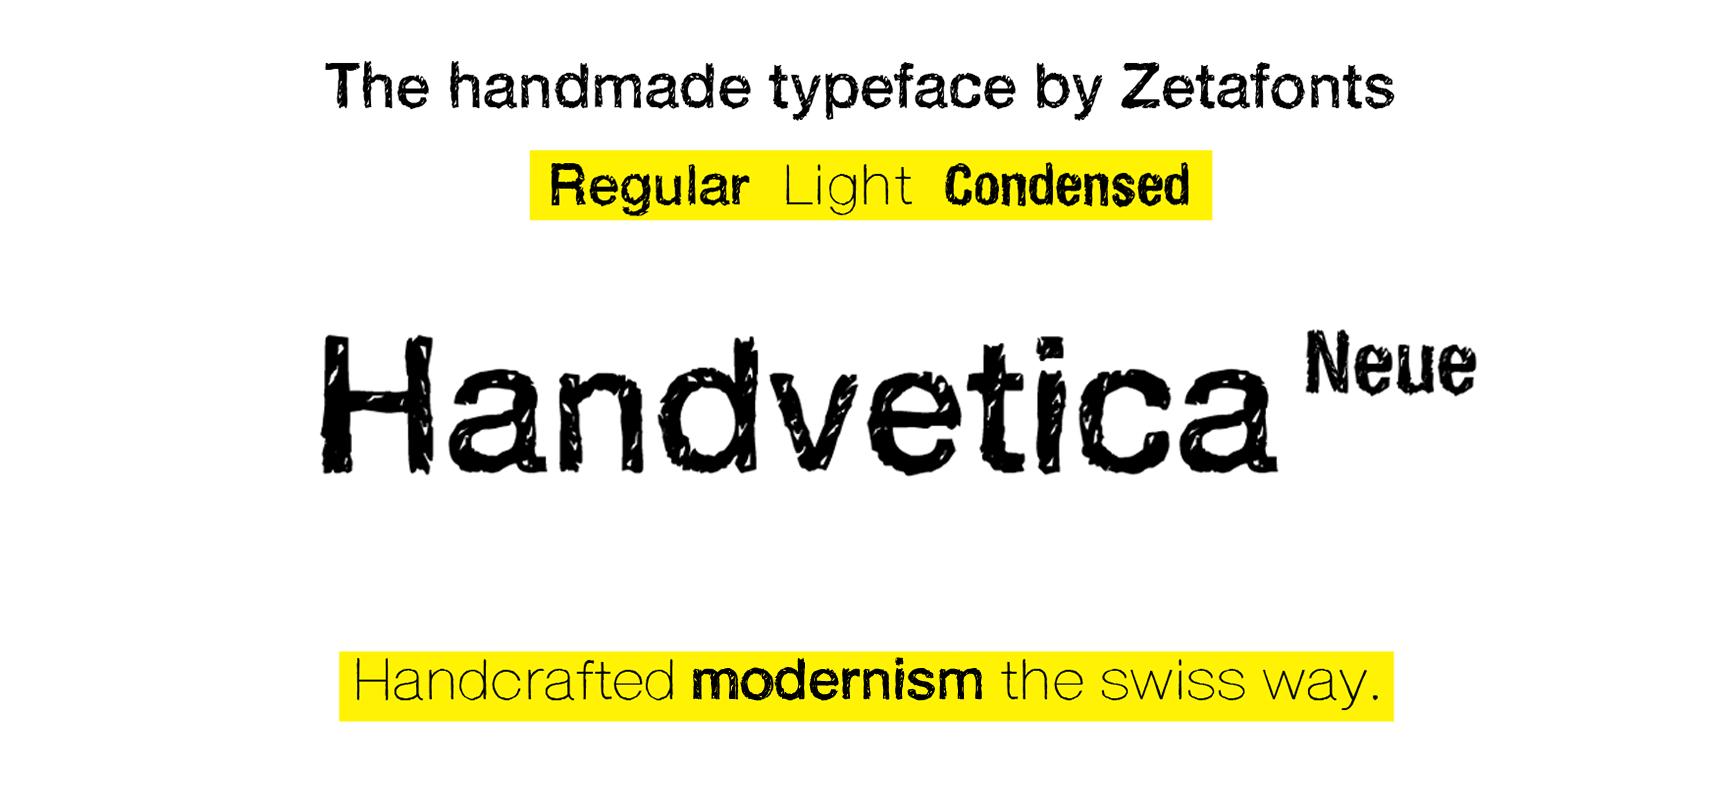 Handvetica Neue Typeface by Zetafonts